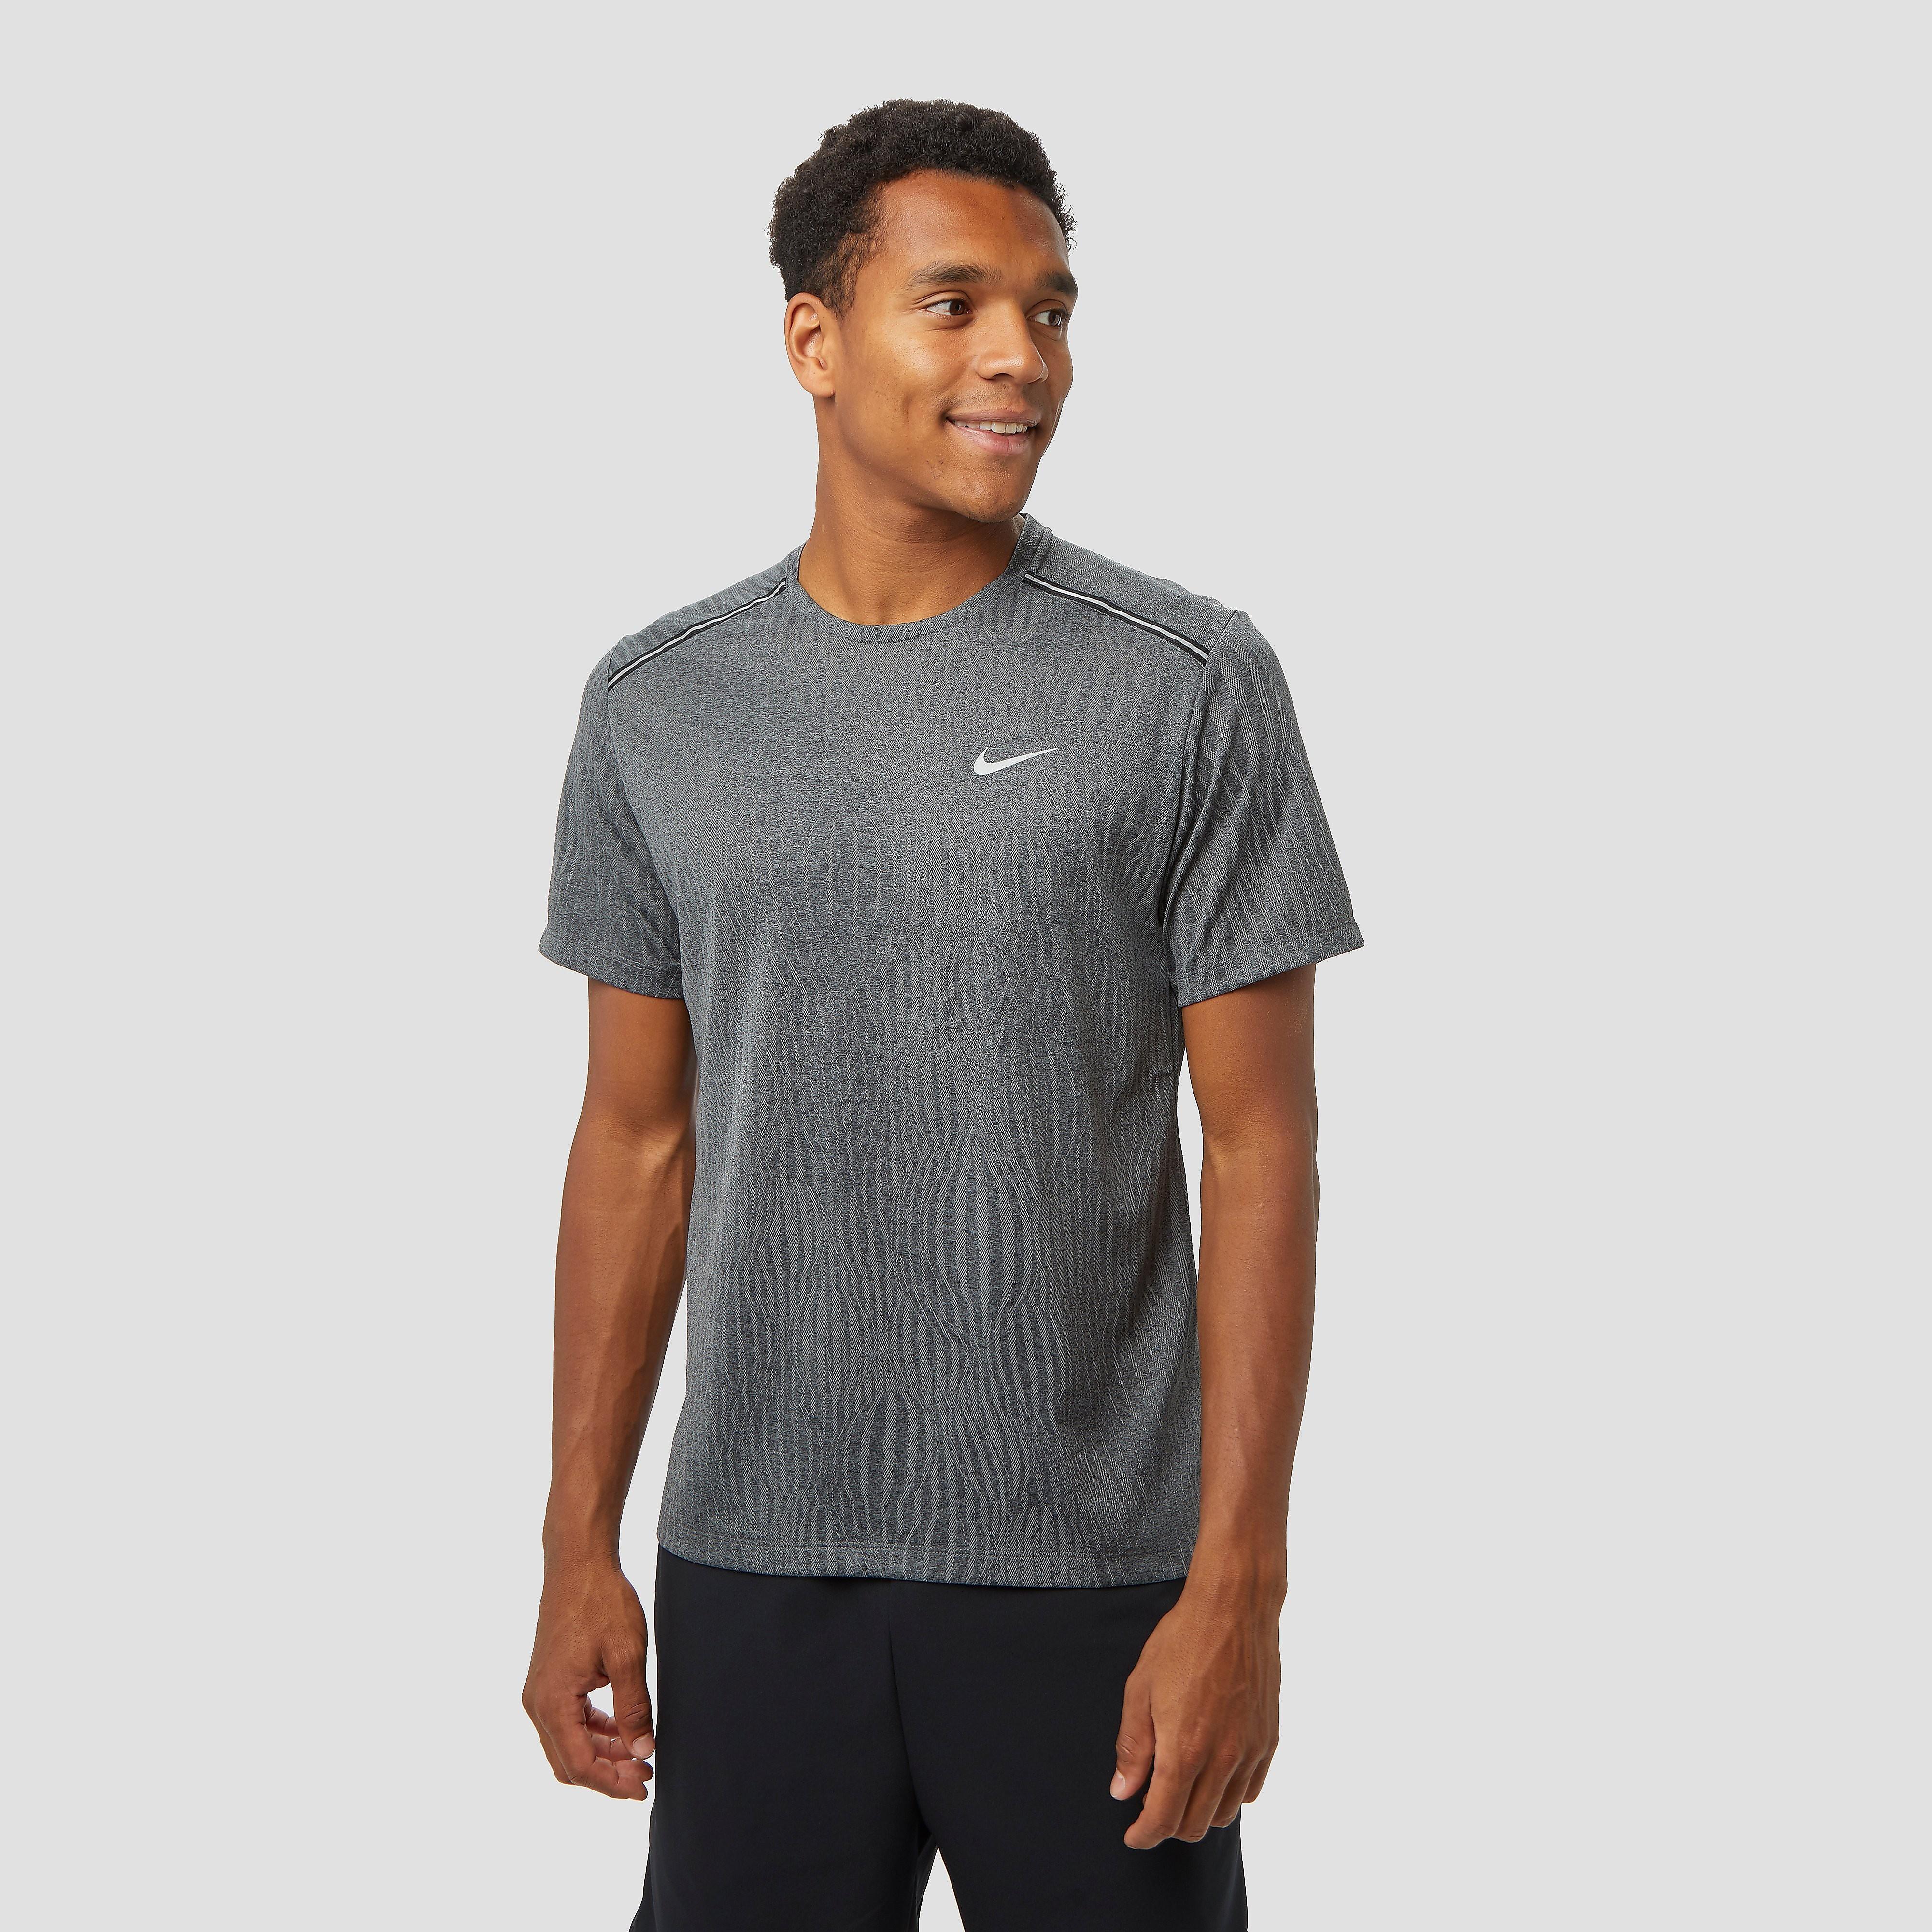 NIKE Dri-fit miler jacquard hardloopshirt zwart heren Heren